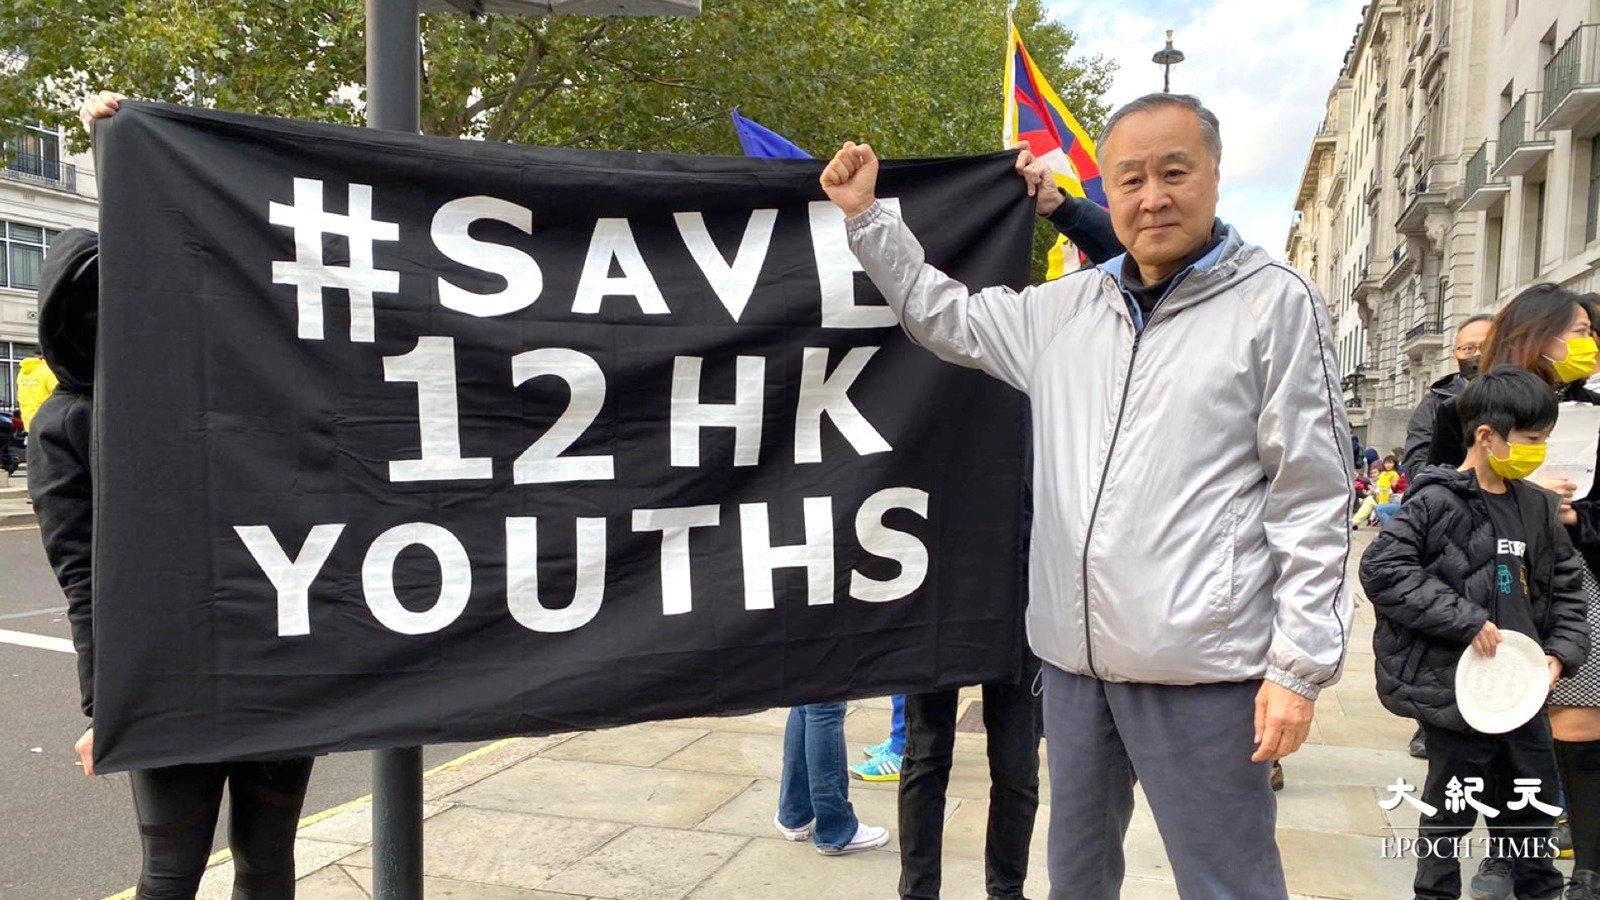 袁弓夷在倫敦出席國殤日示威活動其間不忘呼籲營救送中12港人,更一度落淚。(唐詩韻/大紀元)